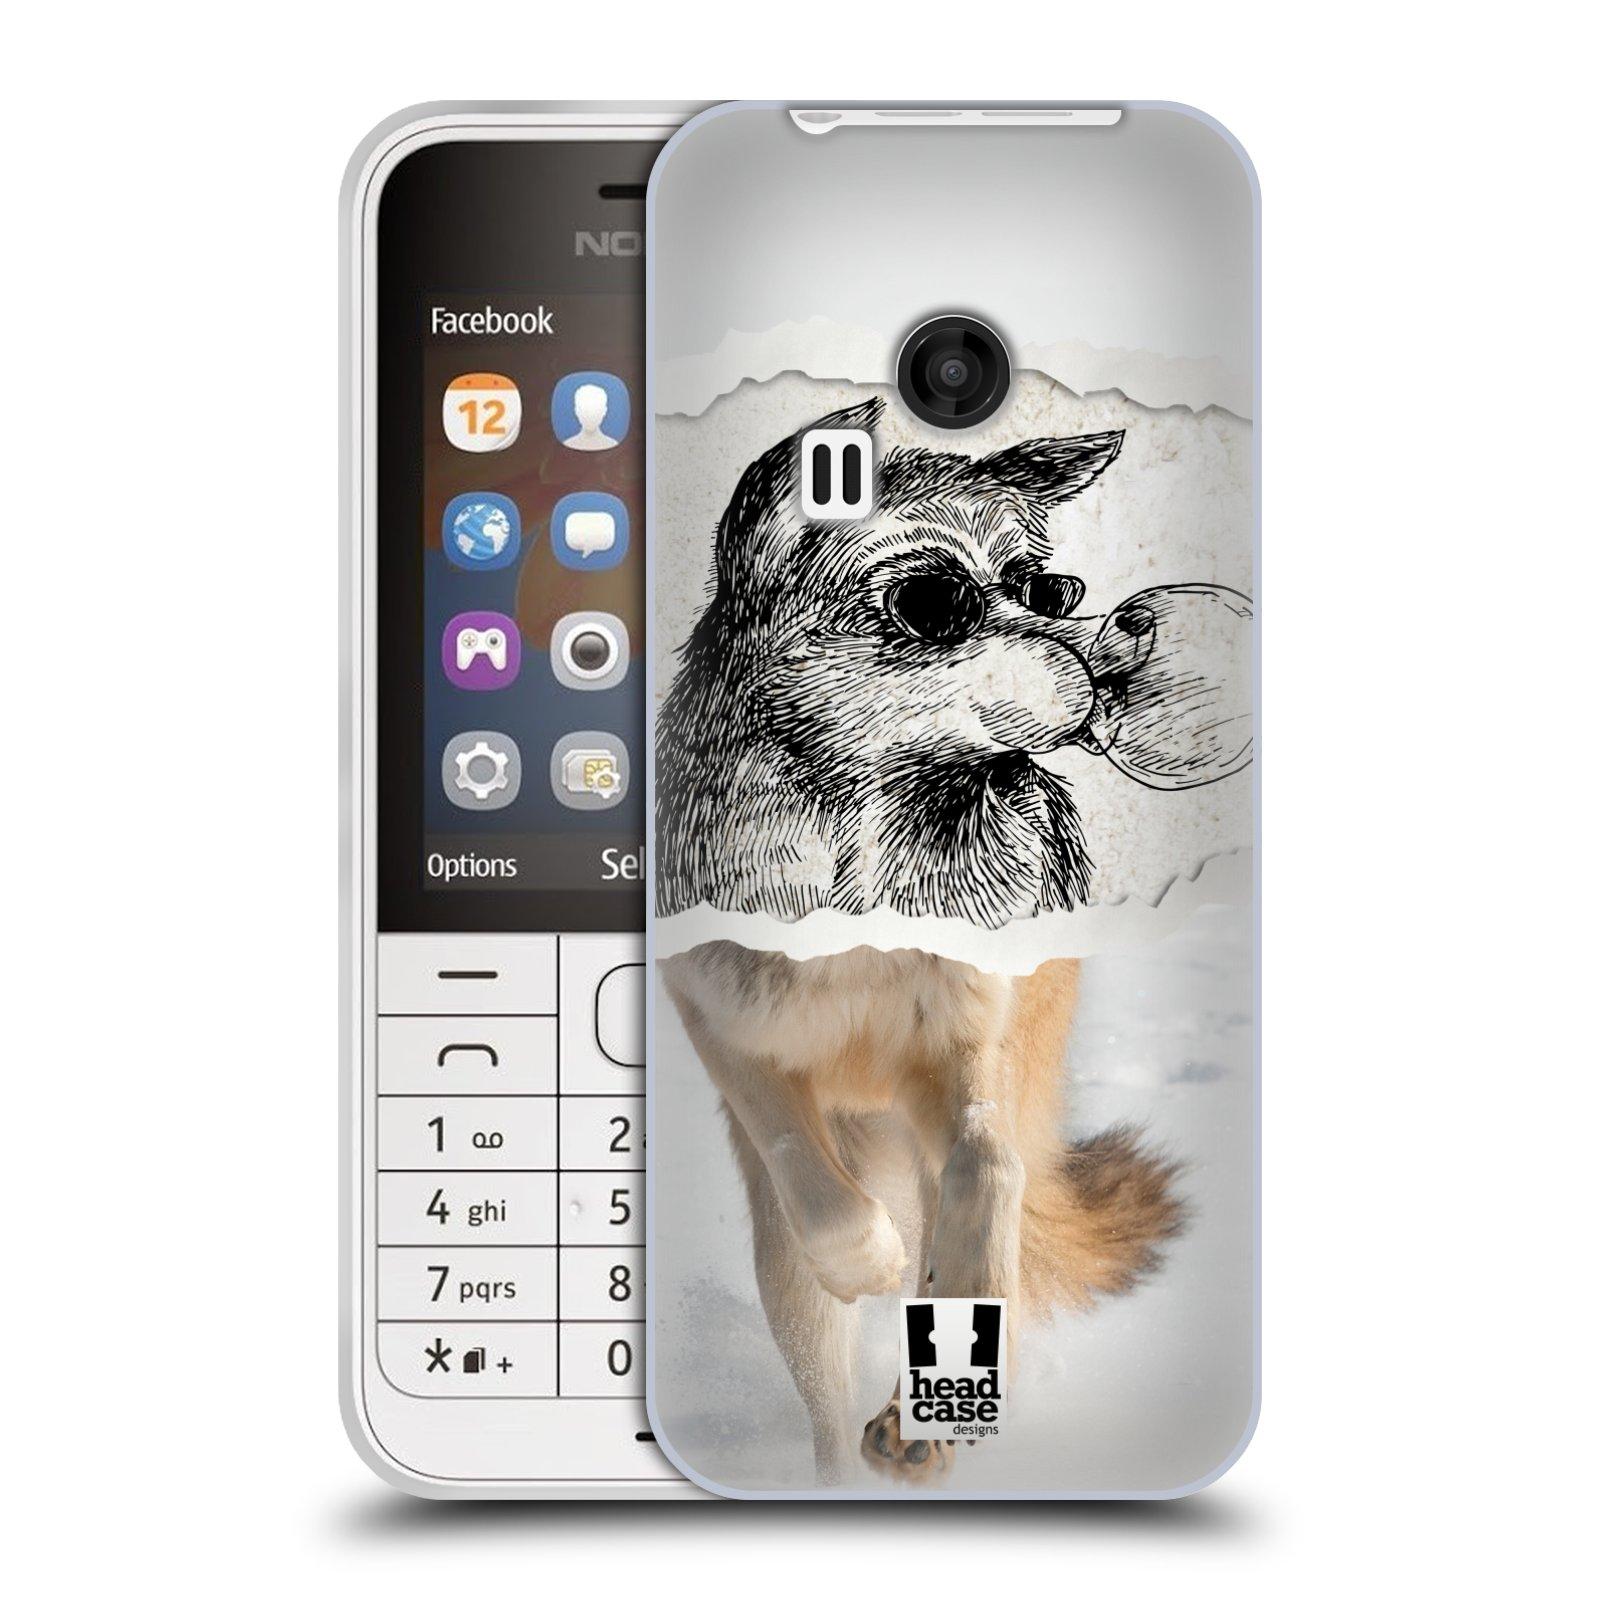 HEAD CASE silikonový obal na mobil NOKIA 220 / NOKIA 220 DUAL SIM vzor zvířata koláž vlk pohodář